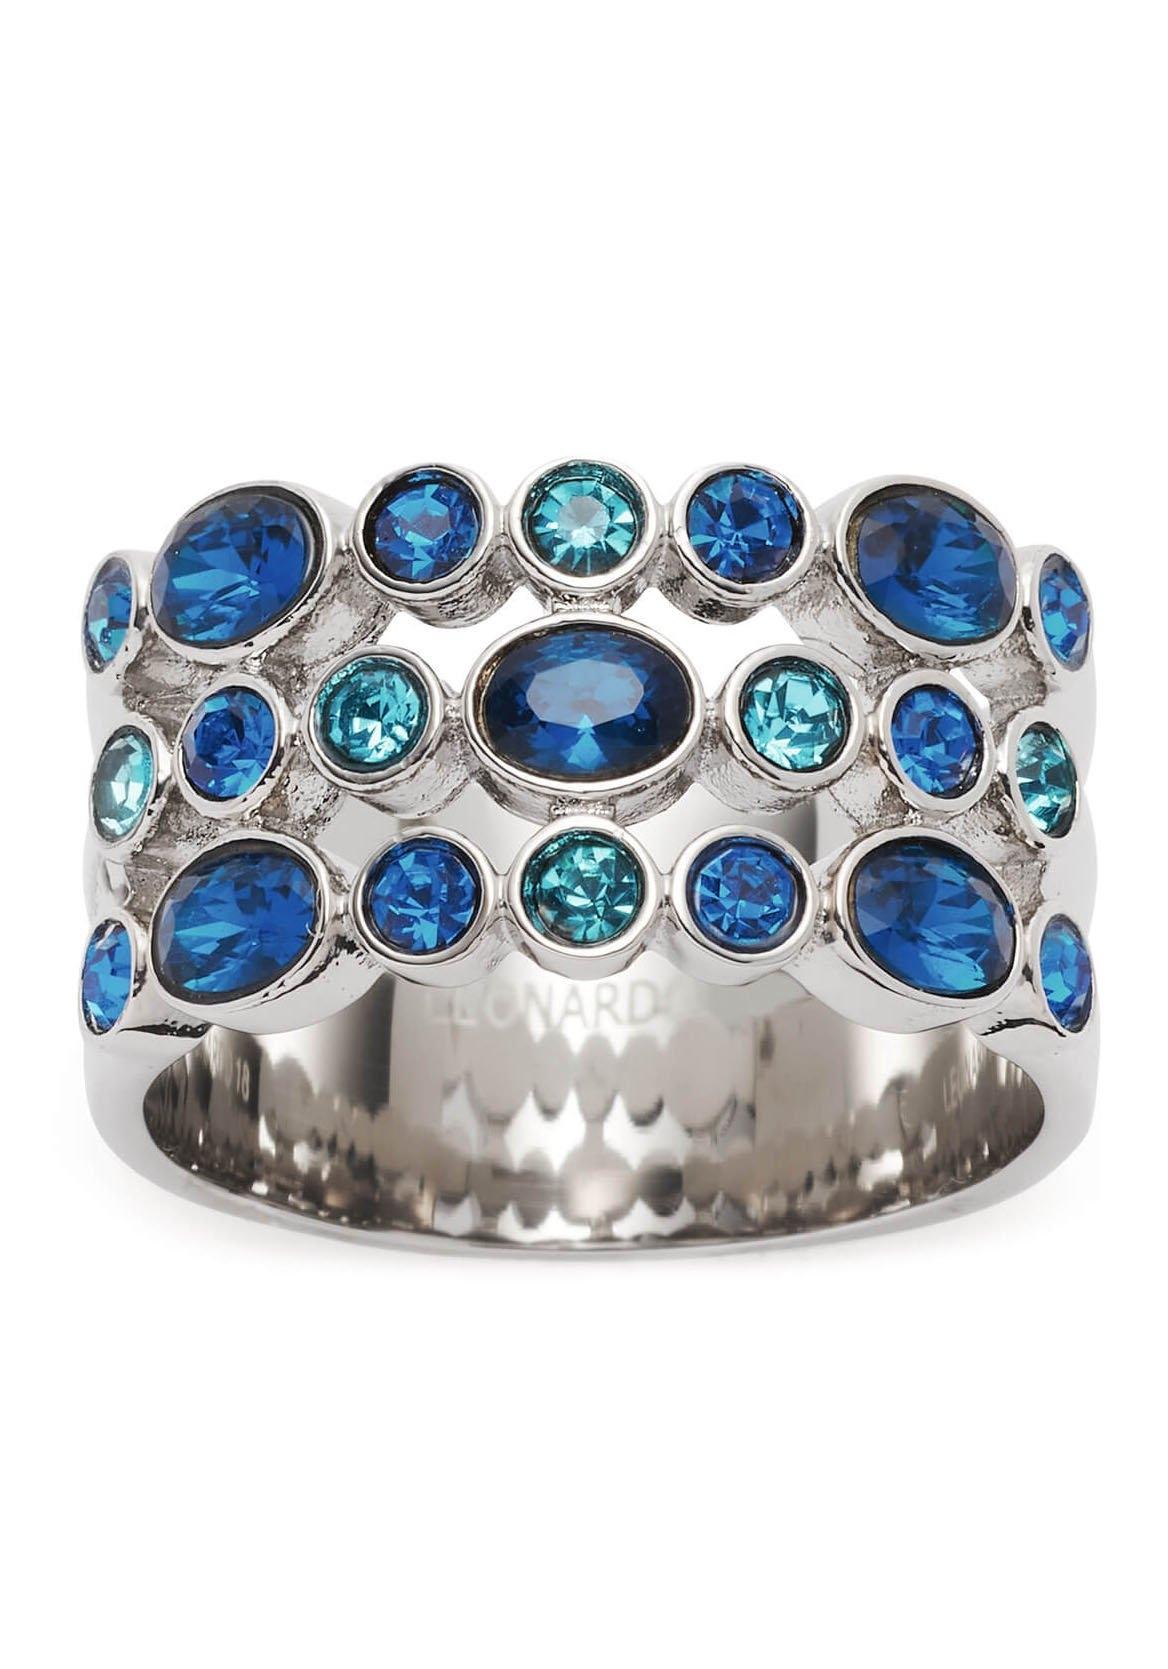 LEONARDO ring Arabella, 018385, 018386, 018387, 018388 met glassteen nu online bestellen